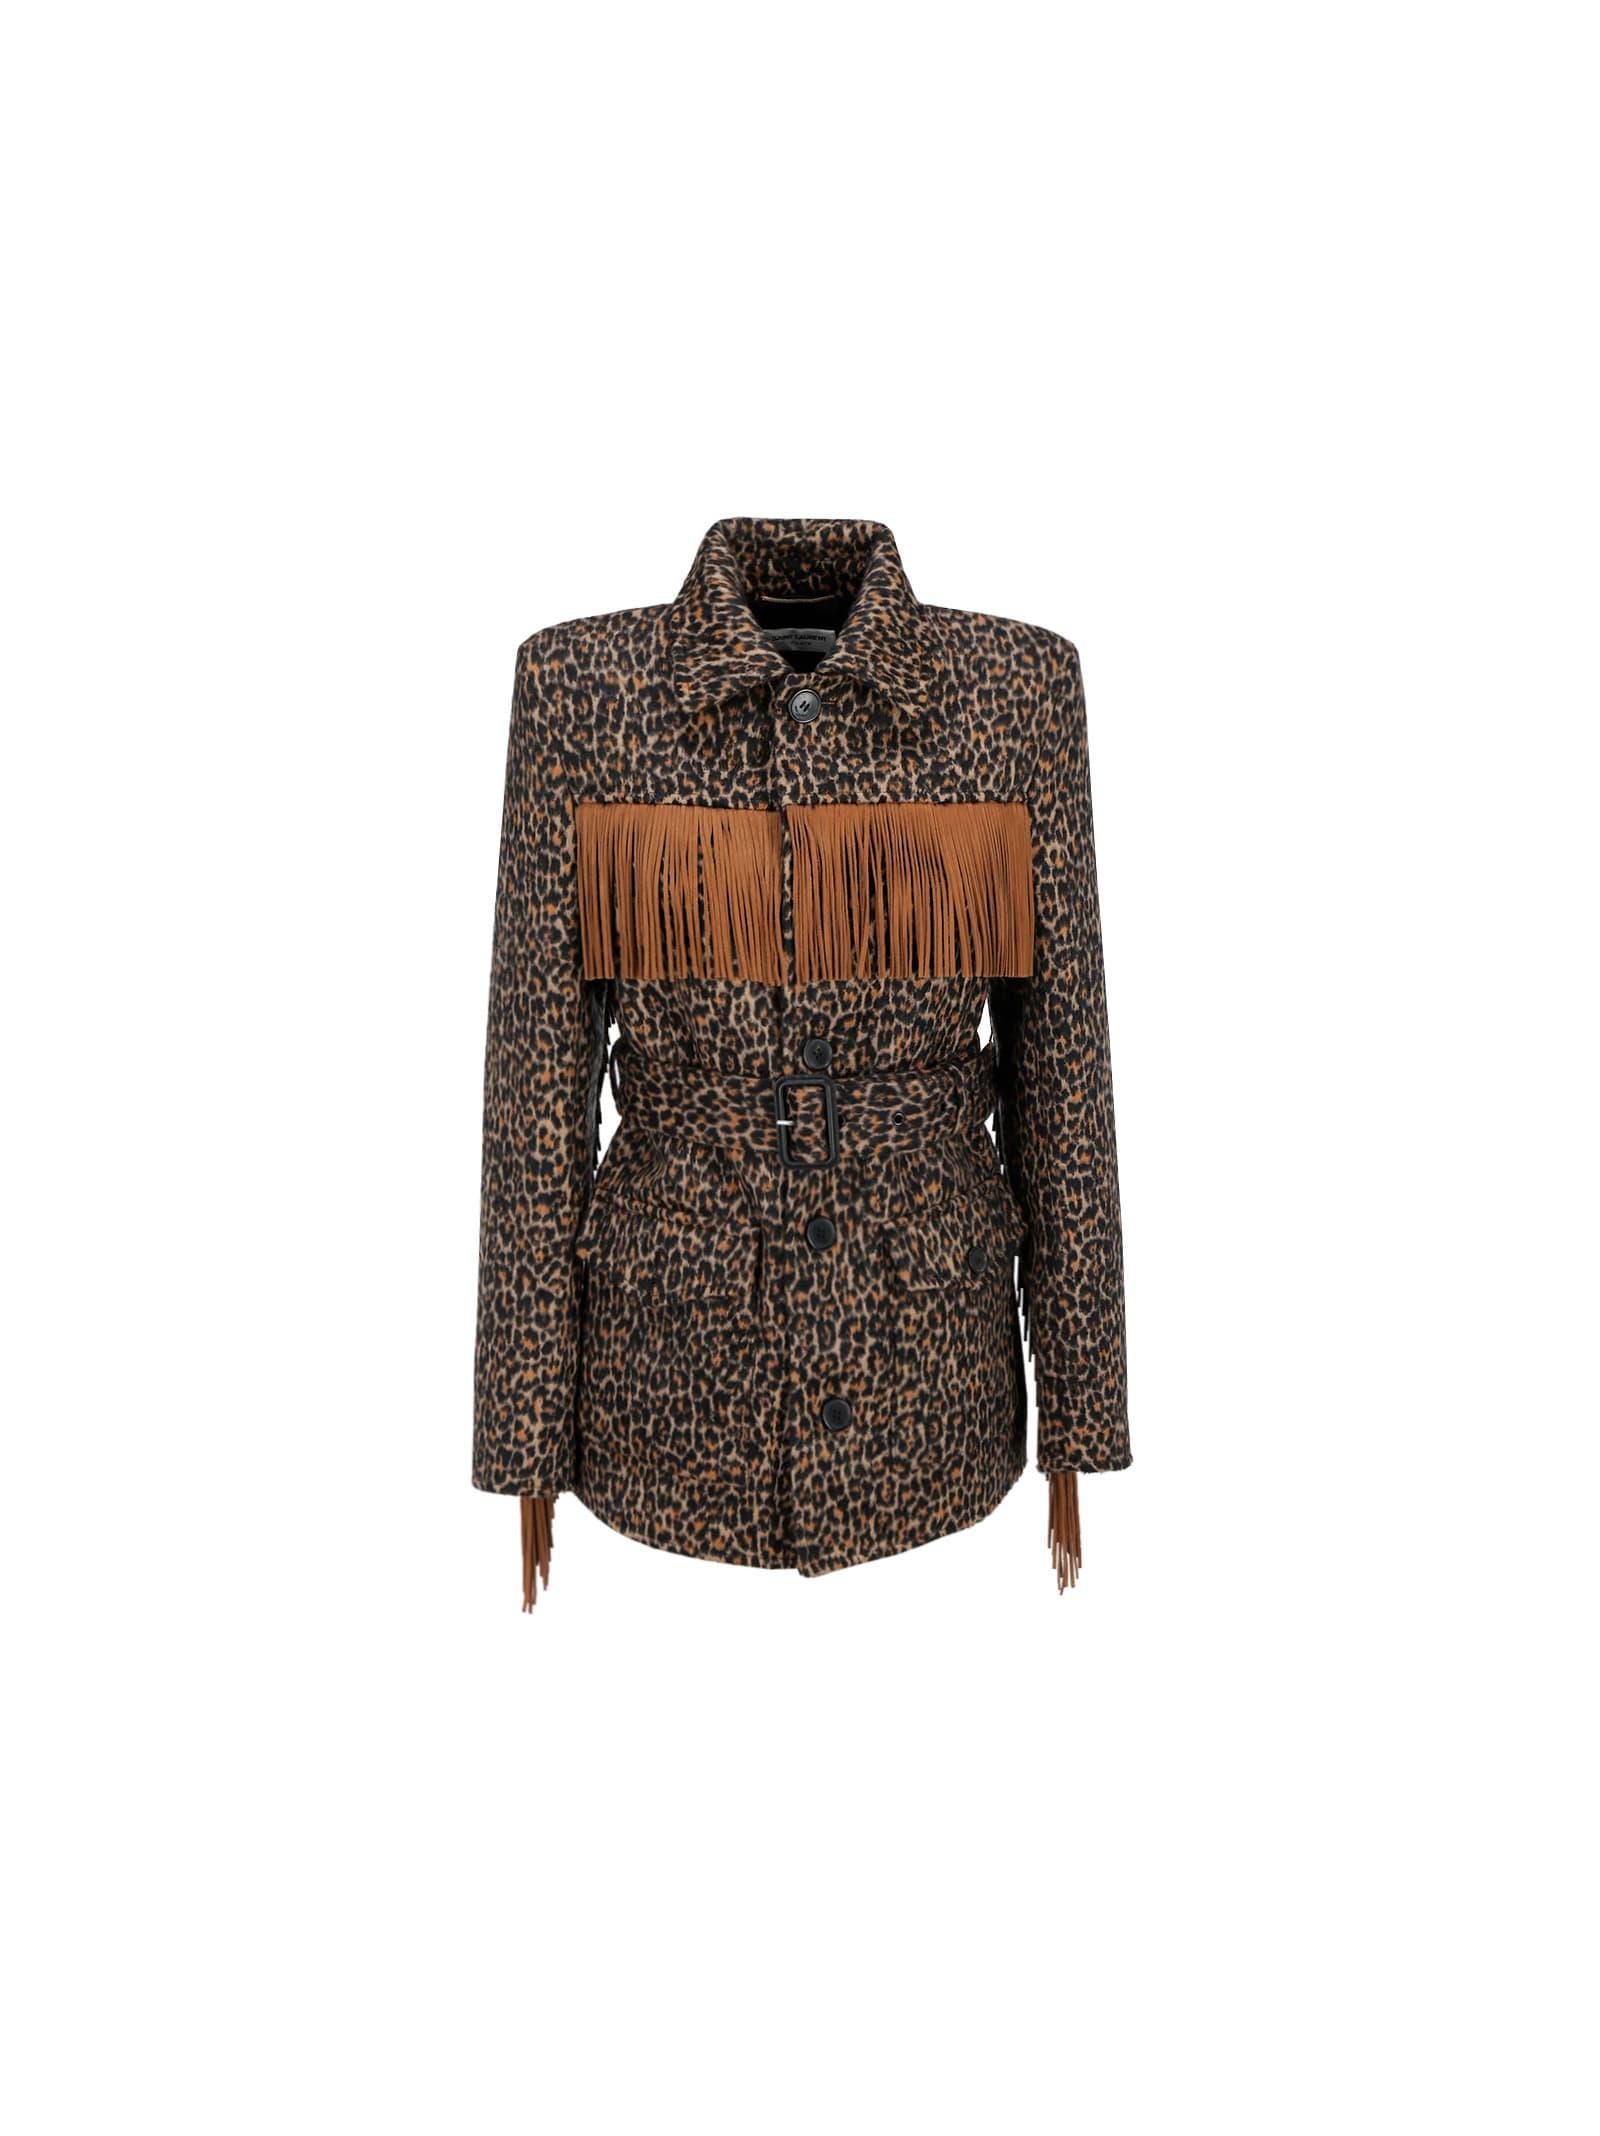 Saint Laurent Clothing PARKA